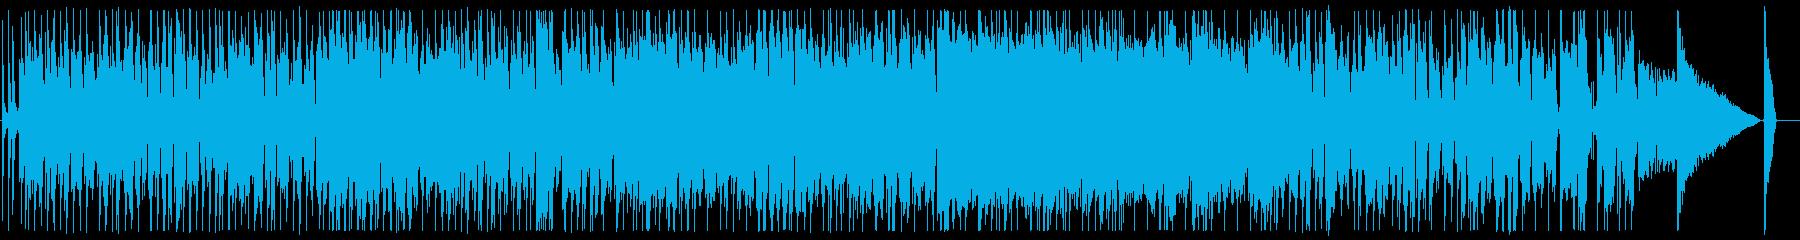 シャッフルビートの60年代風ブルースの再生済みの波形